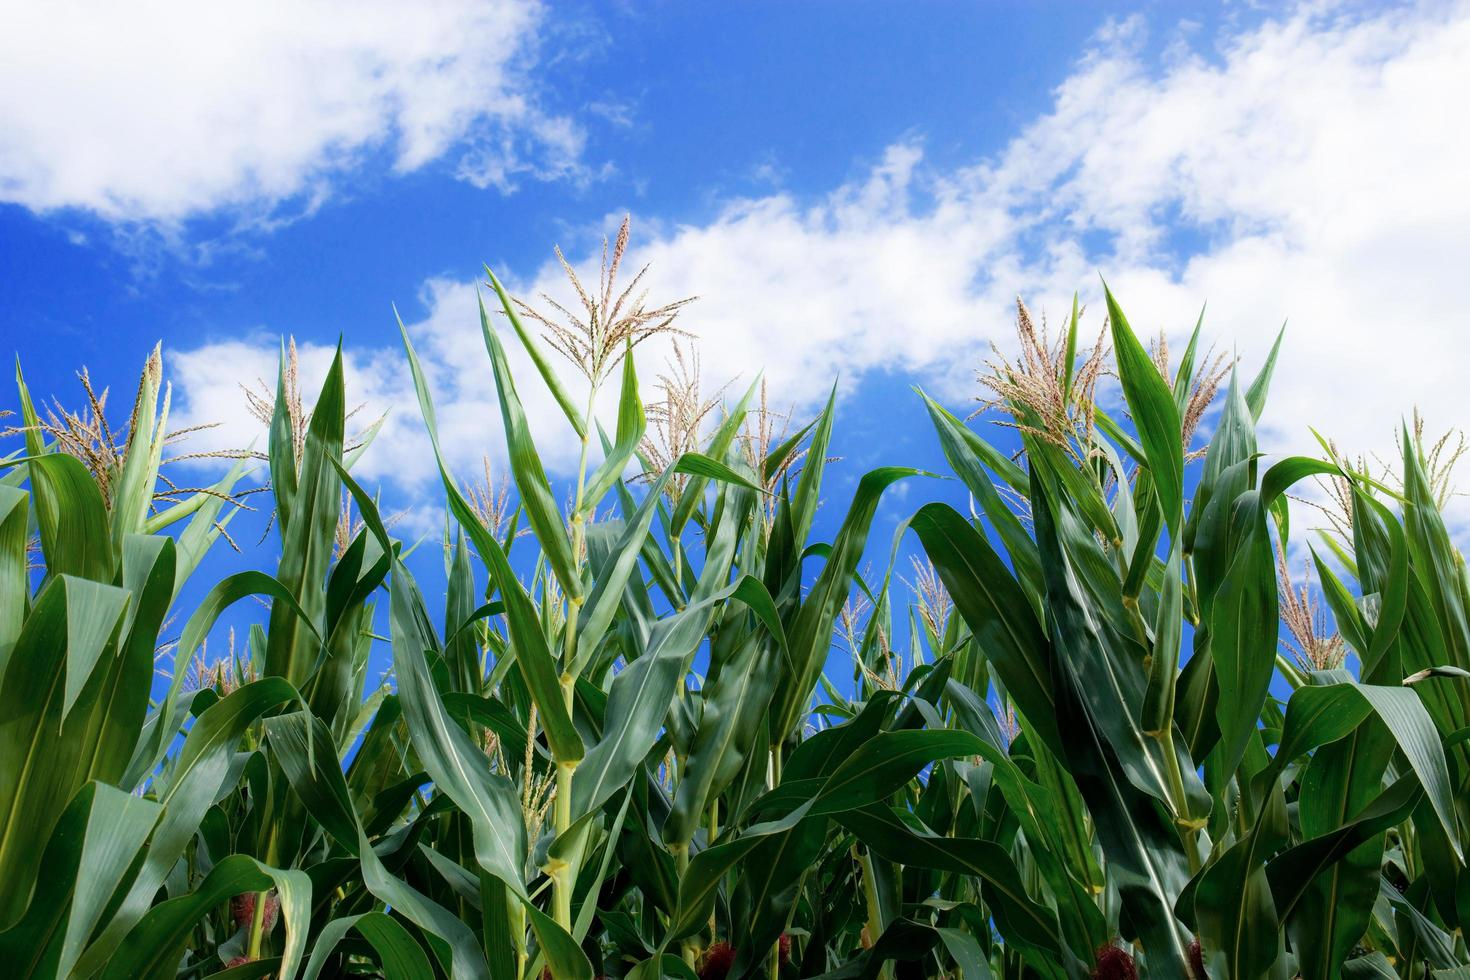 Maispflanzen am blauen Himmel. foto